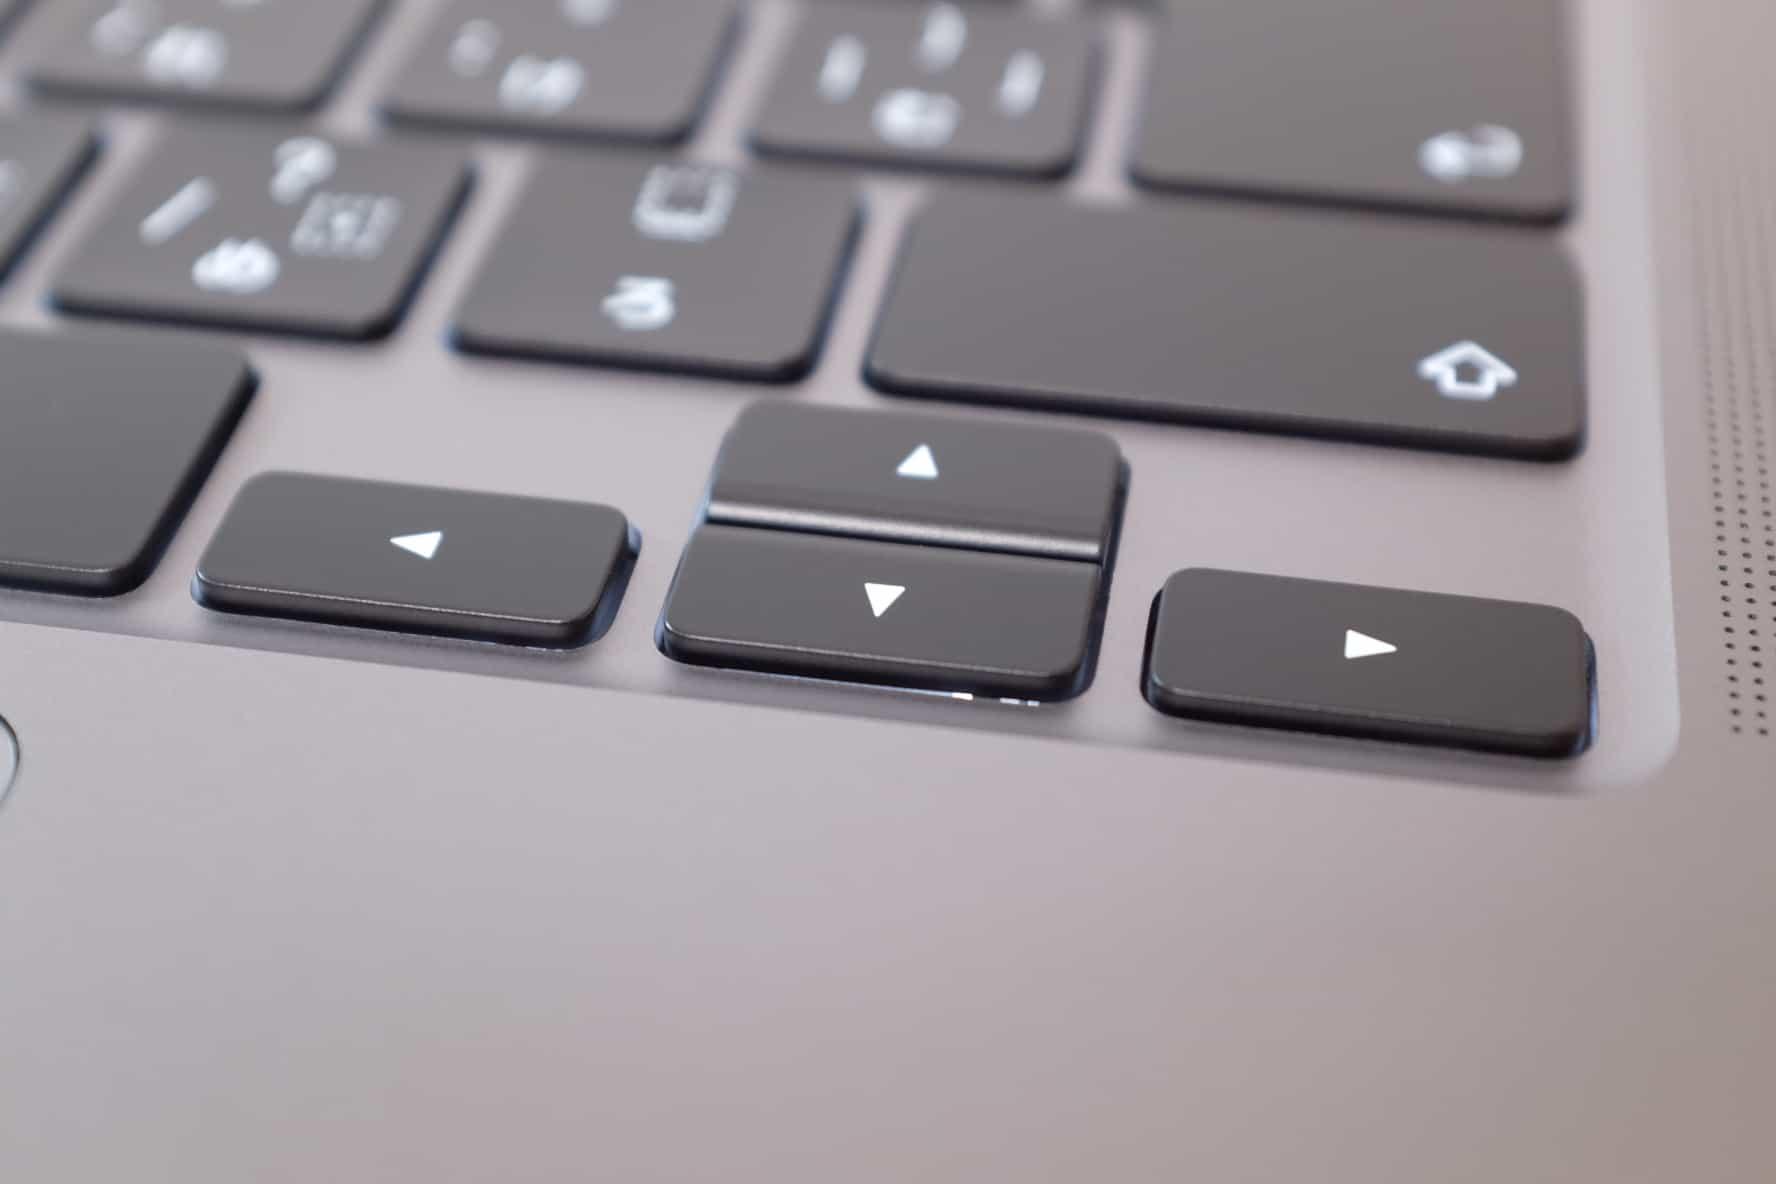 16インチ MacBook Pro,逆T字